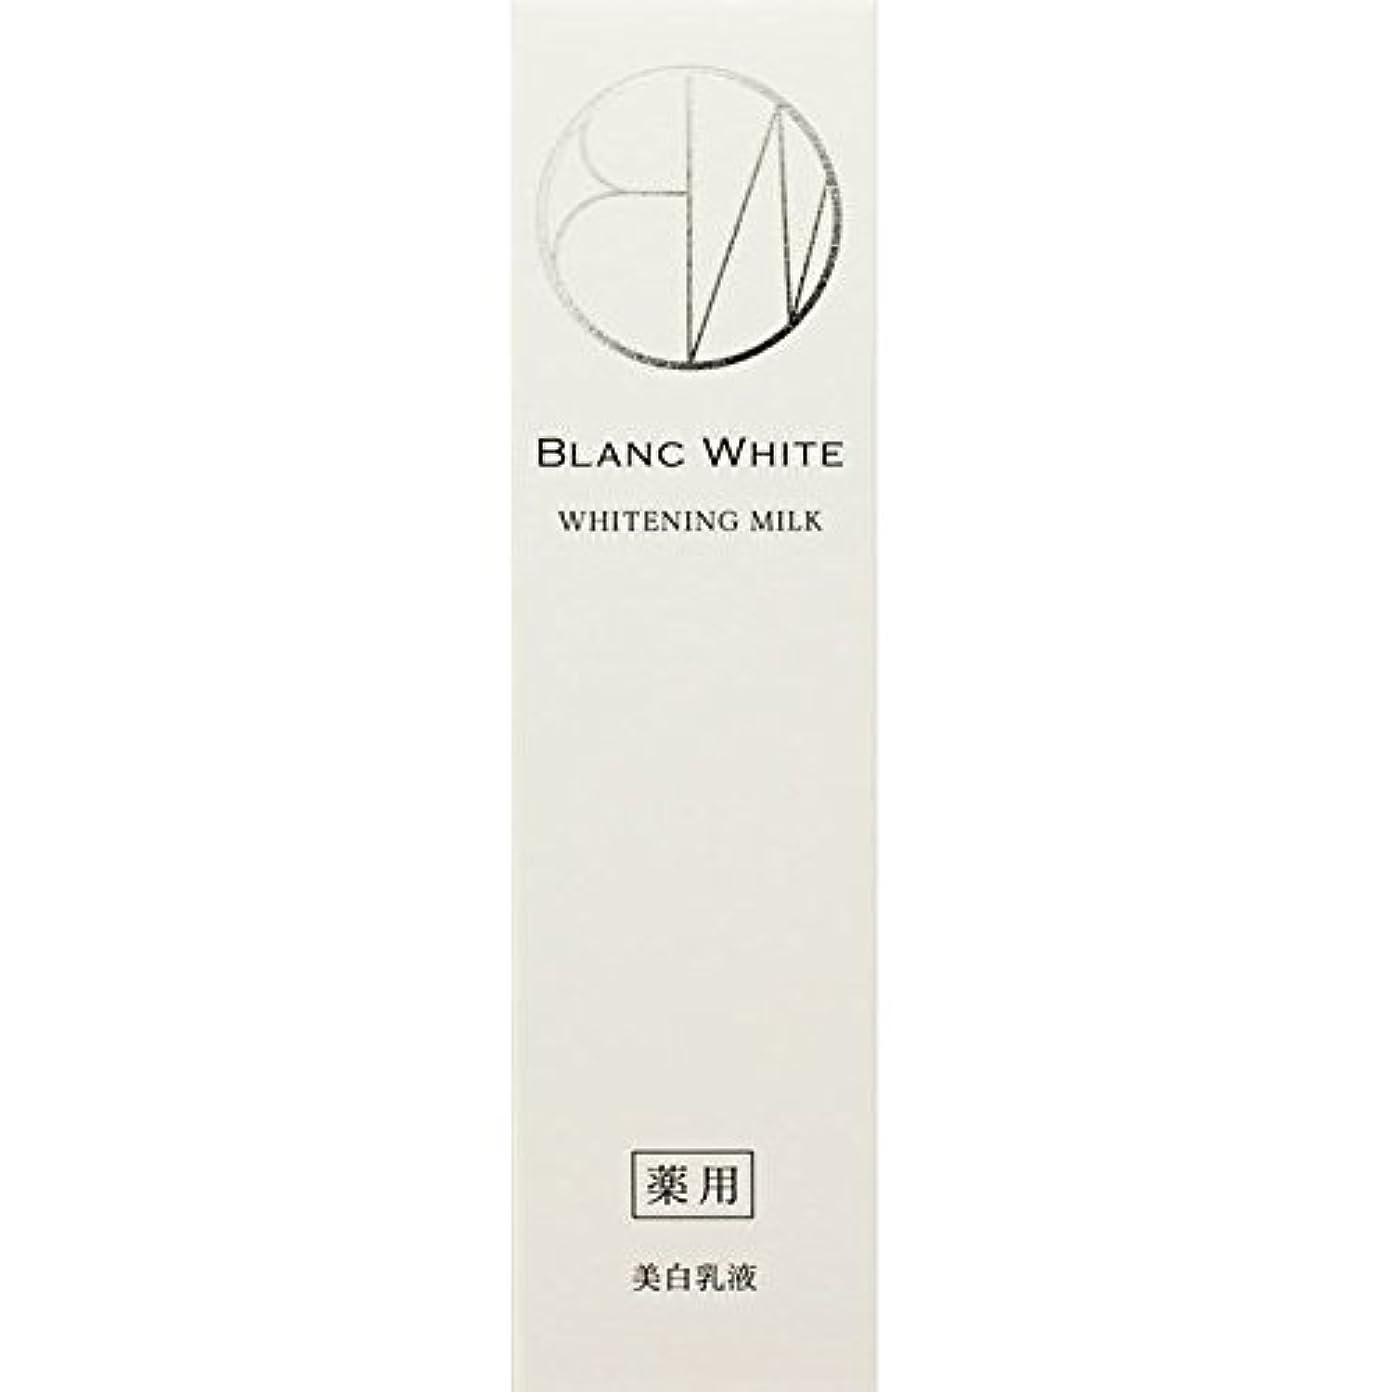 照らすネスト必要とするブランホワイト ホワイトニングミルク 125ml (医薬部外品)